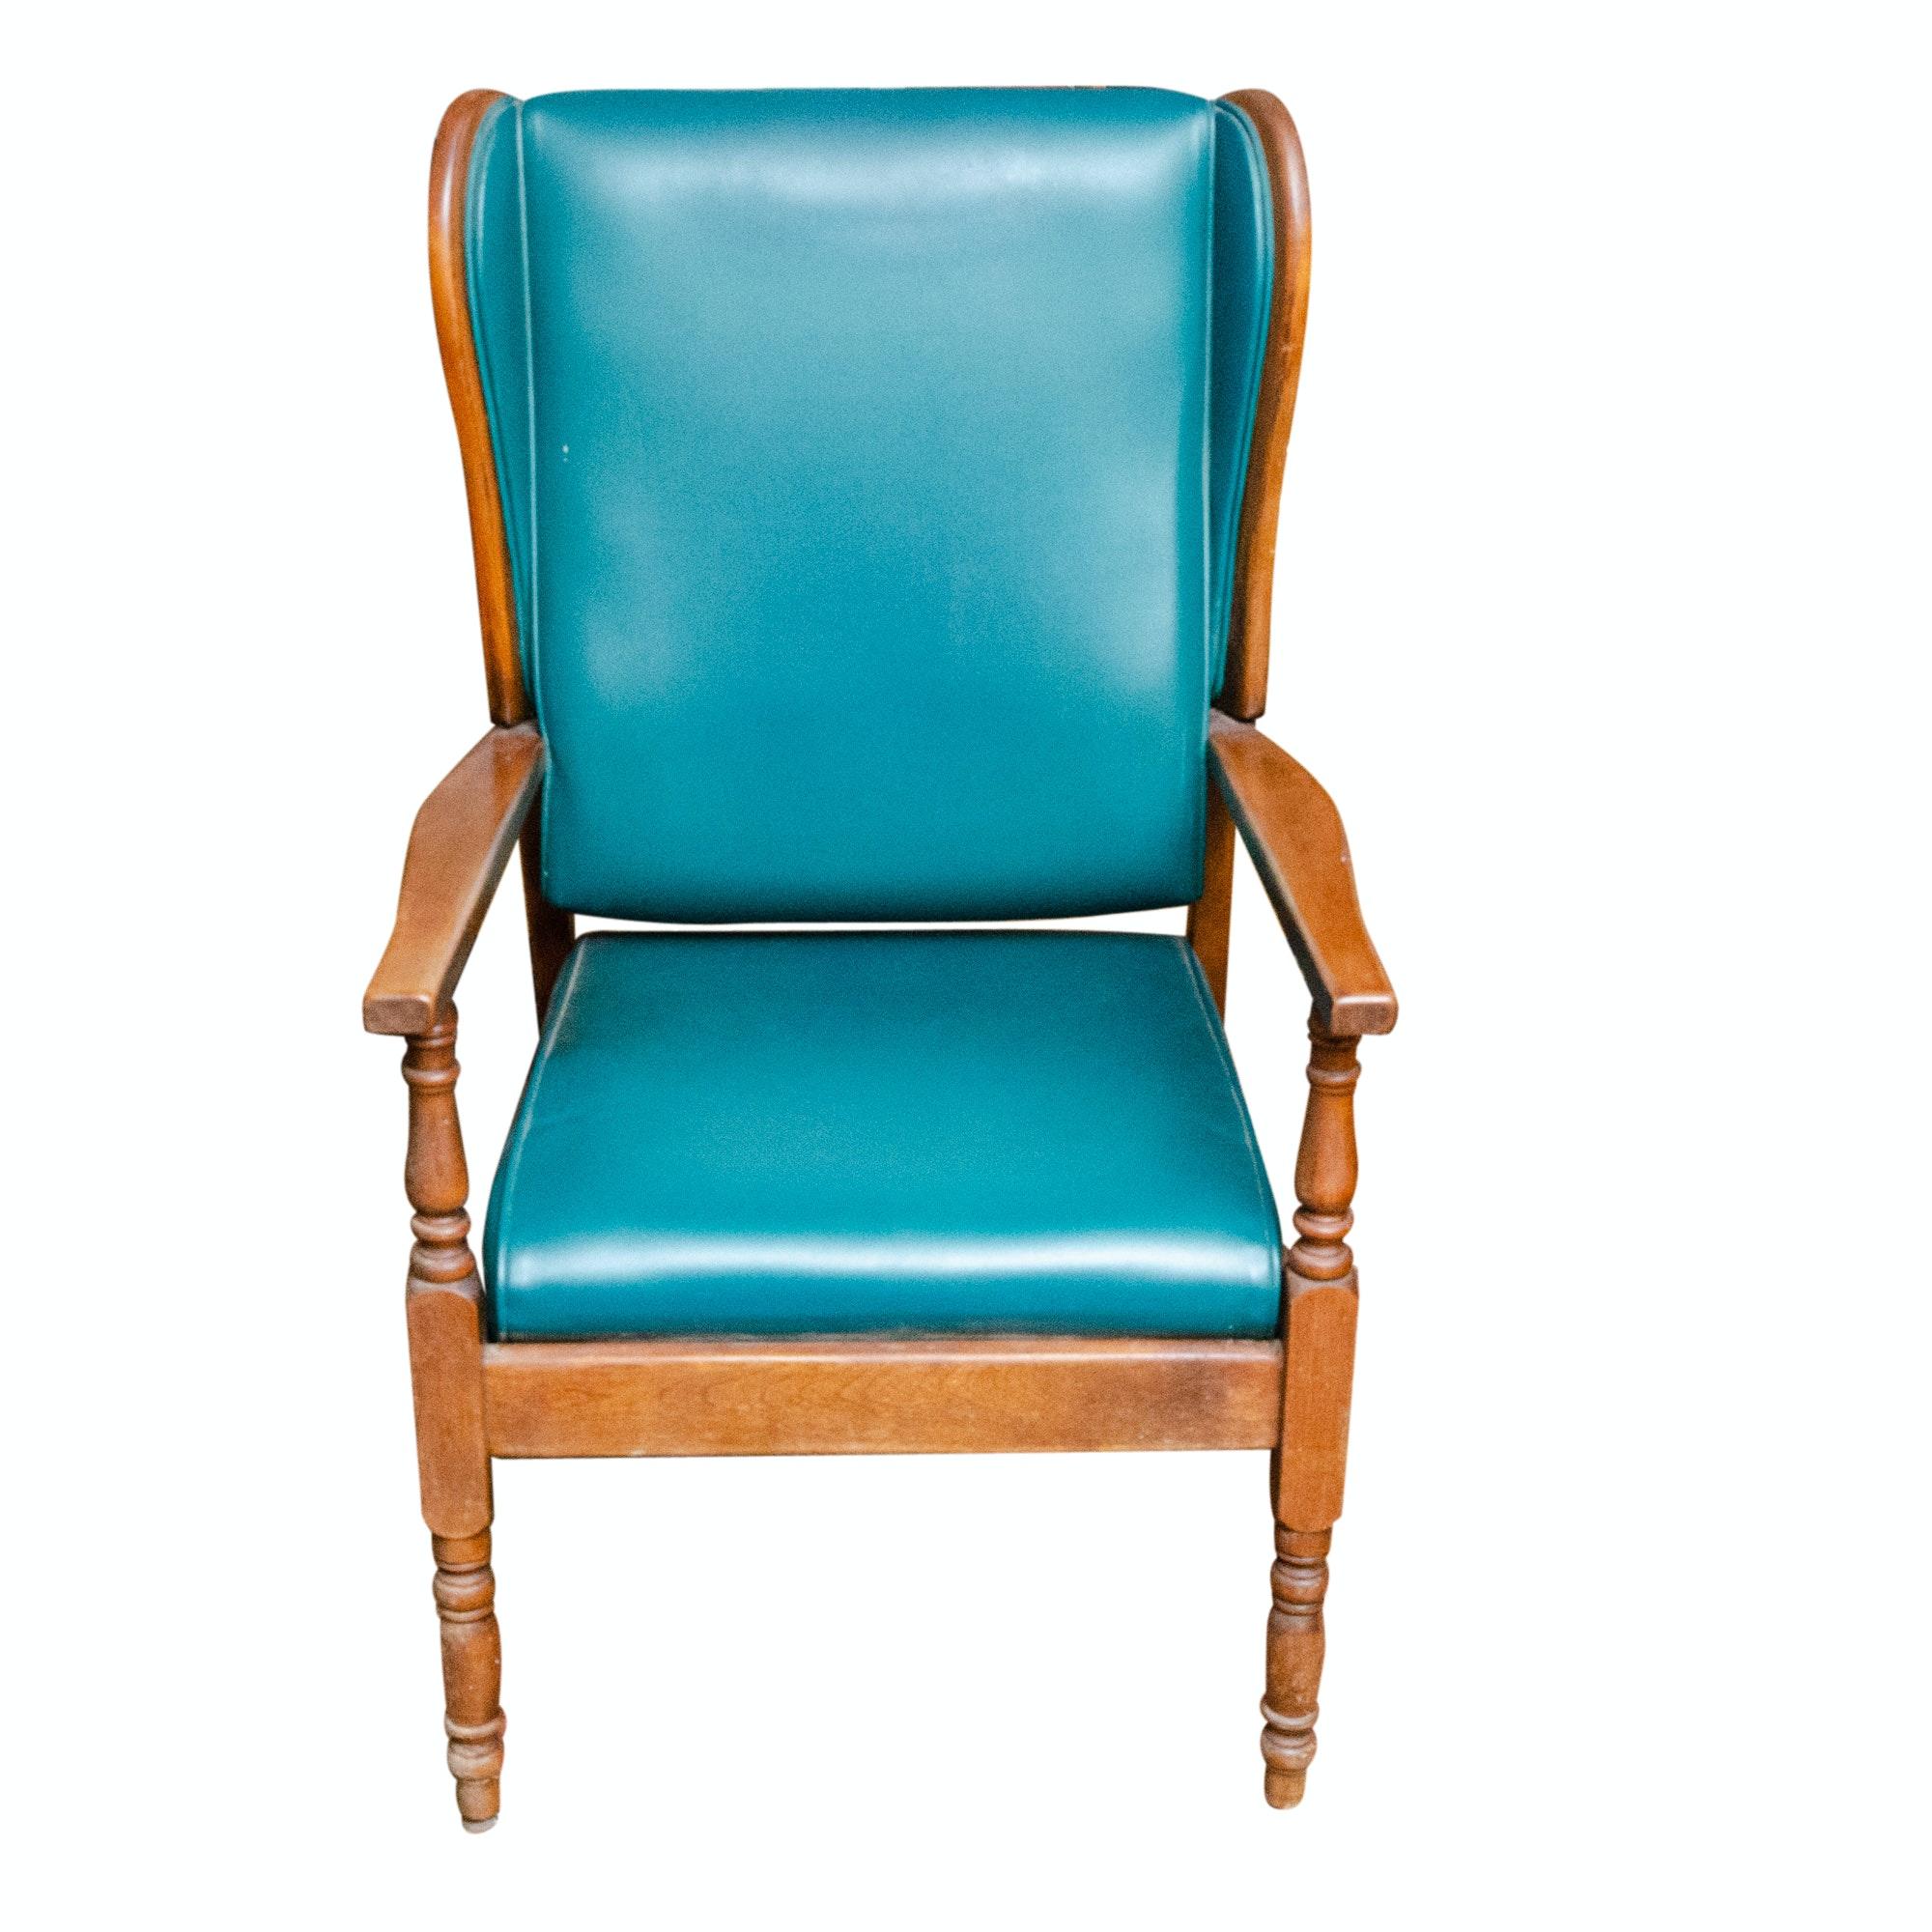 Vintage C. H. Hartshorn Wingback Armchair